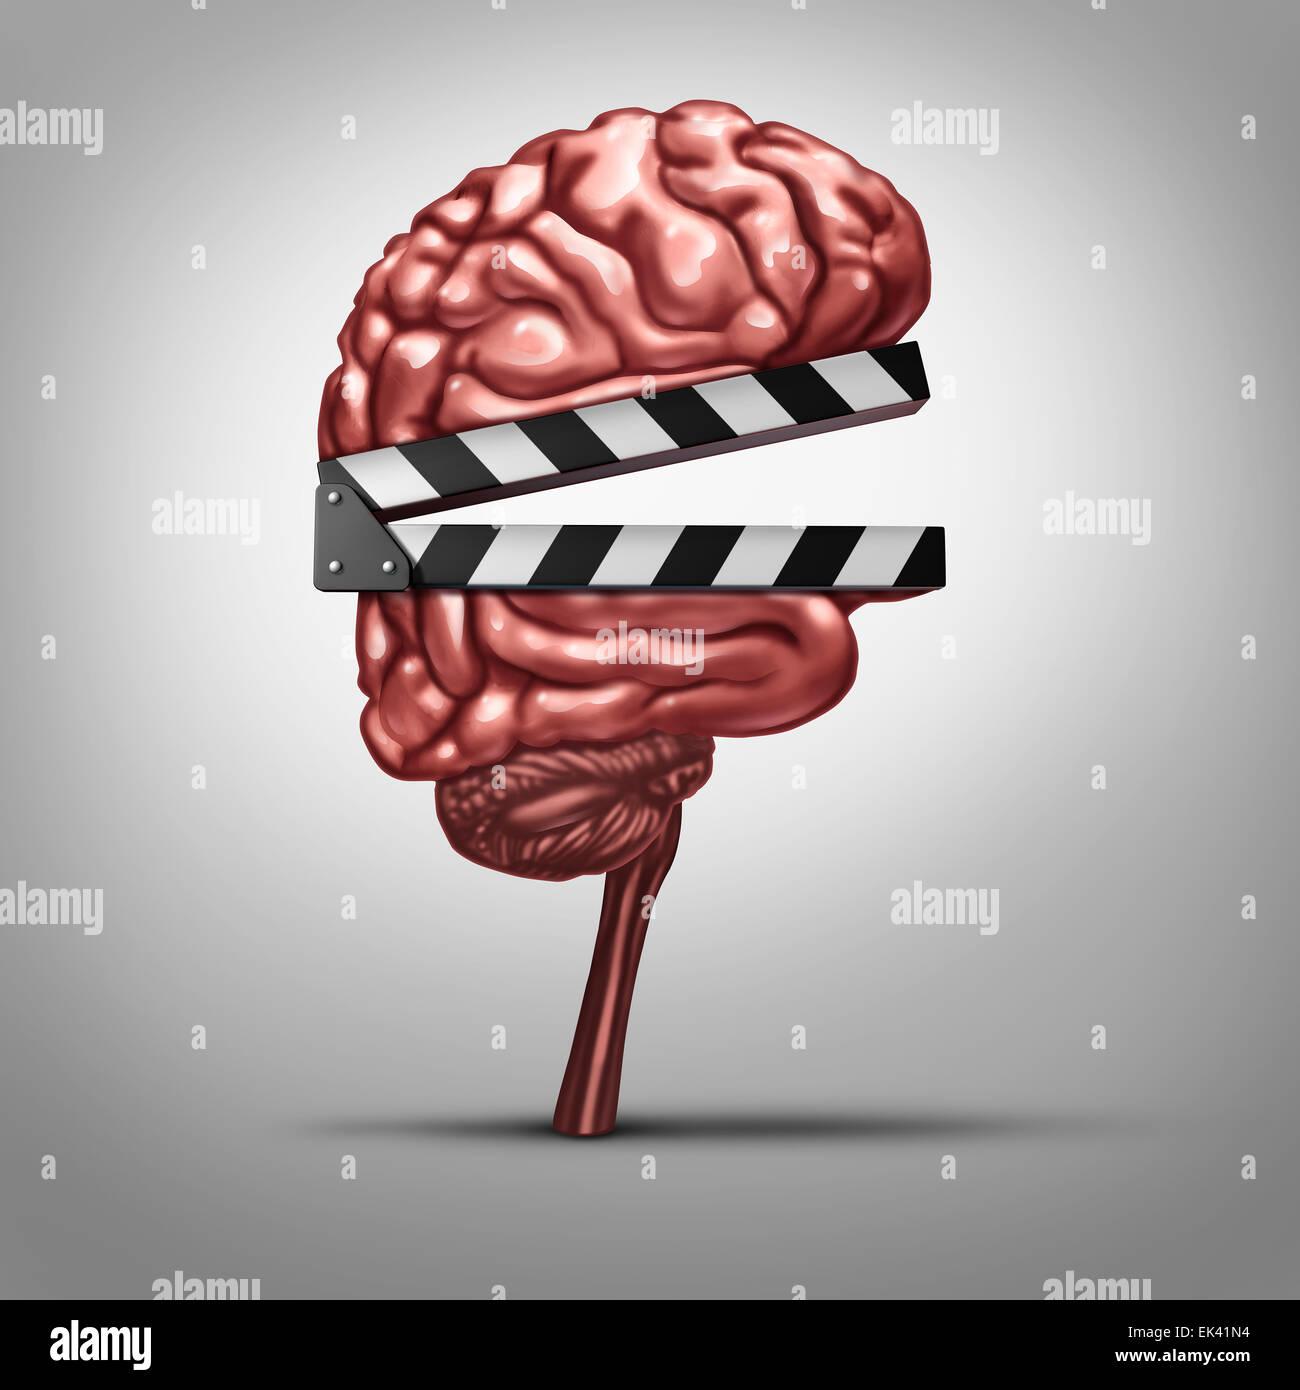 Lernen-Bildung und Video-Clips oder Anleitung online als eine Schindel, geformt wie ein menschliches Gehirn als Stockbild